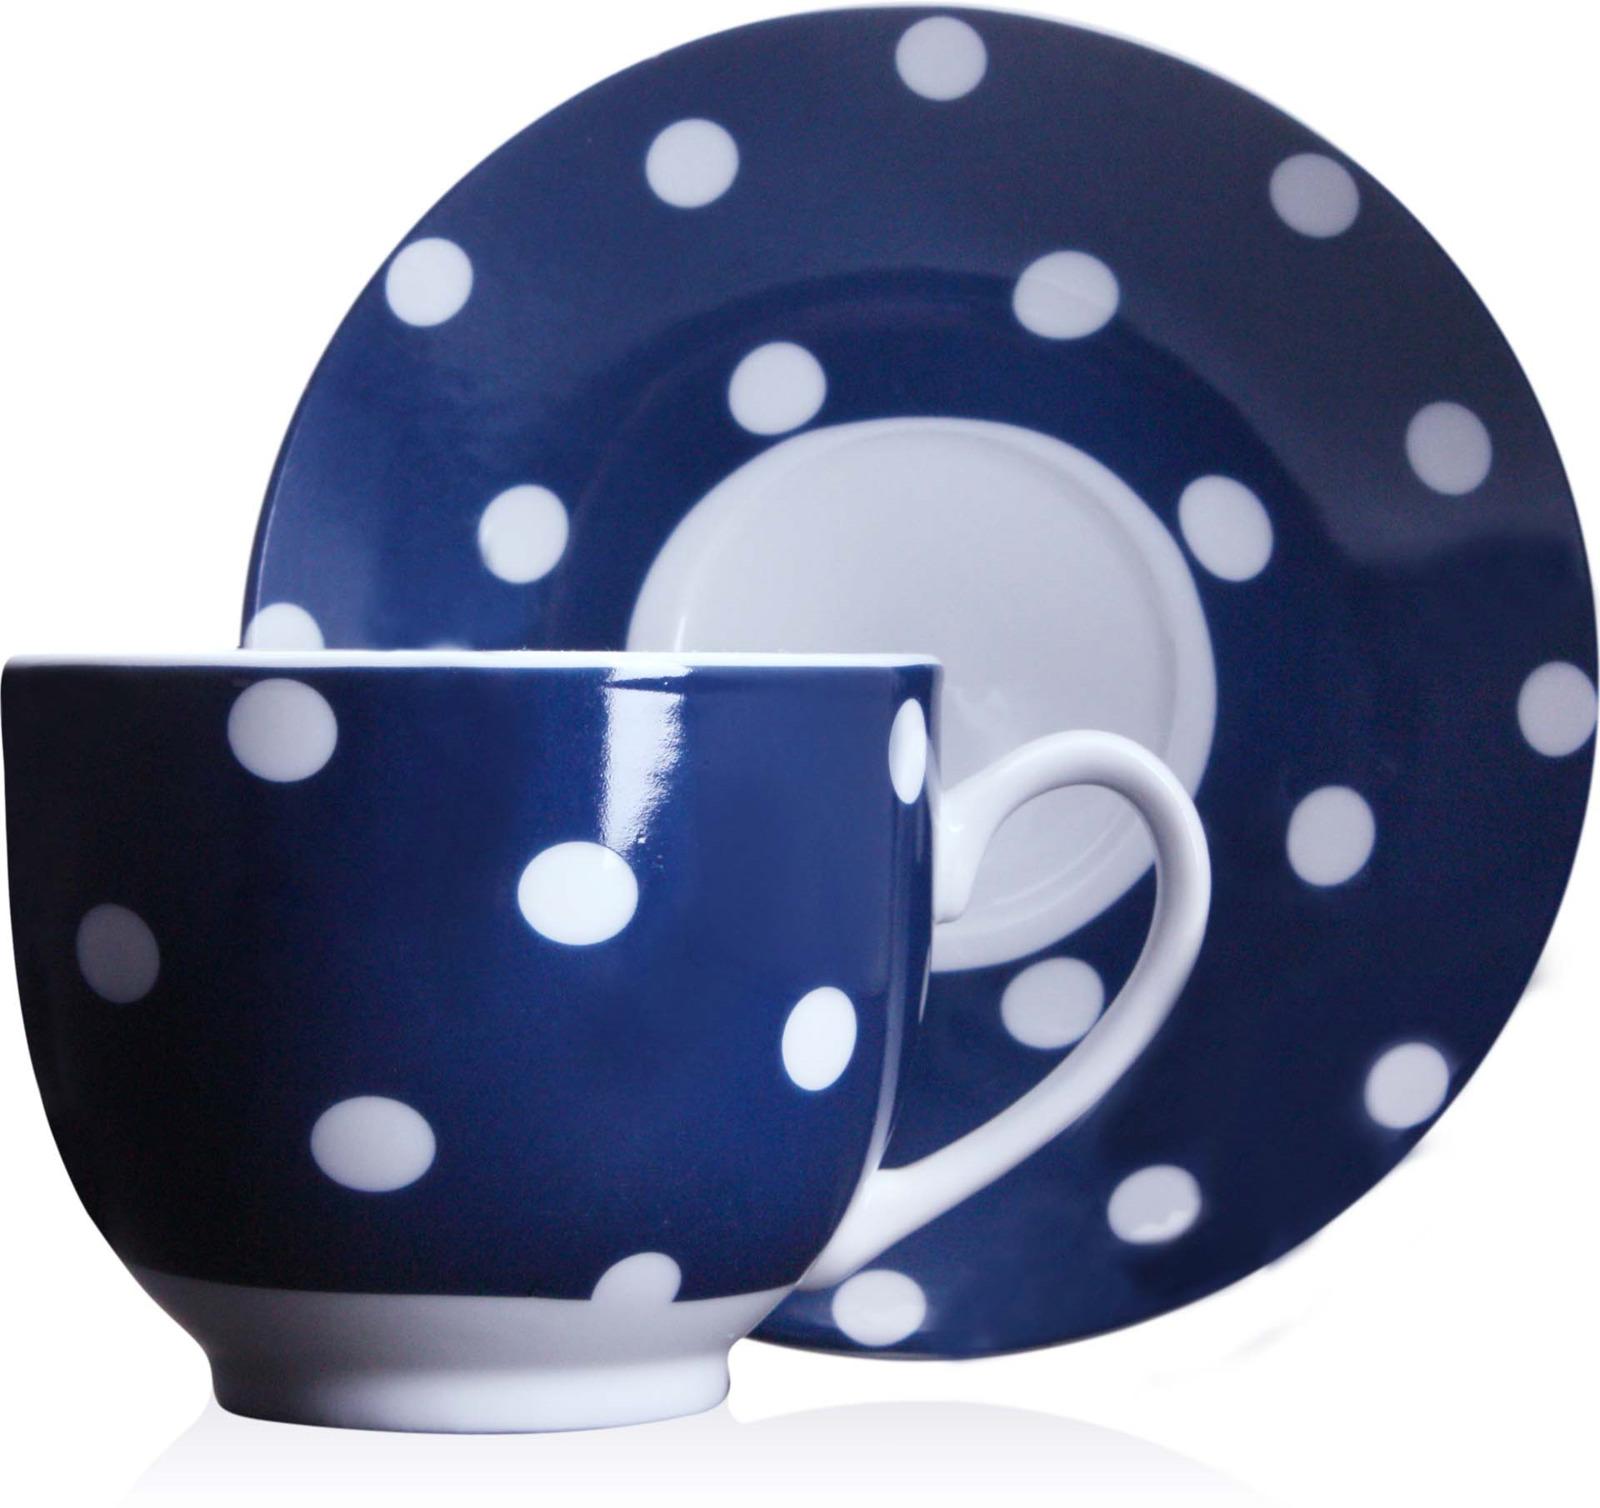 Чайная пара Loraine изготовлена из высококачественного фарфора. Чашка синего цвета украшена рисунком в белый горошек, блюдце с широкой синей каймой, и также с рисунком в белый горошек, и белой серединой. Удобная, с классическим дизайном, чайная пара не только украсит сервировку стола, но и поднимет настроение и превратит процесс чаепития в одно удовольствие. Изделия легко и просто мыть. Чайная пара прекрасно подойдет в качестве подарка для родных и друзей!